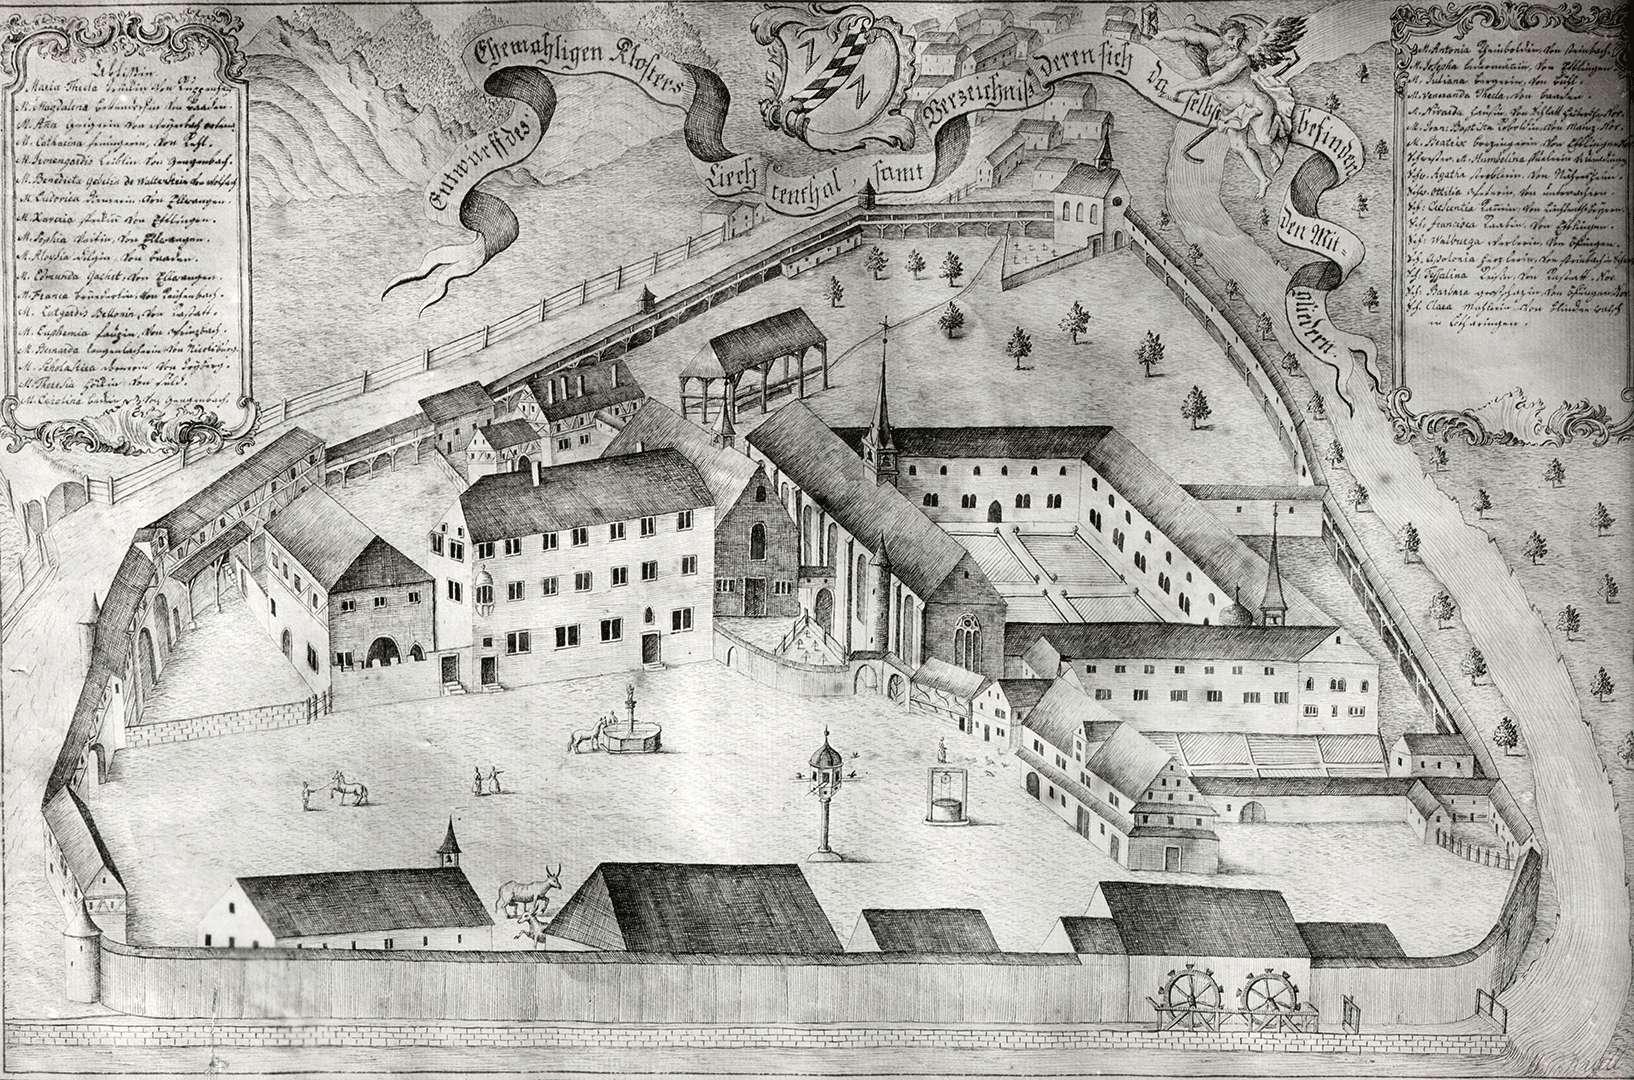 Entwurff des Ehemaligen Klosters Liechtenthal, samt Verzeichniß deren sich daselbst befindenden Mitgliedern, Bild 1